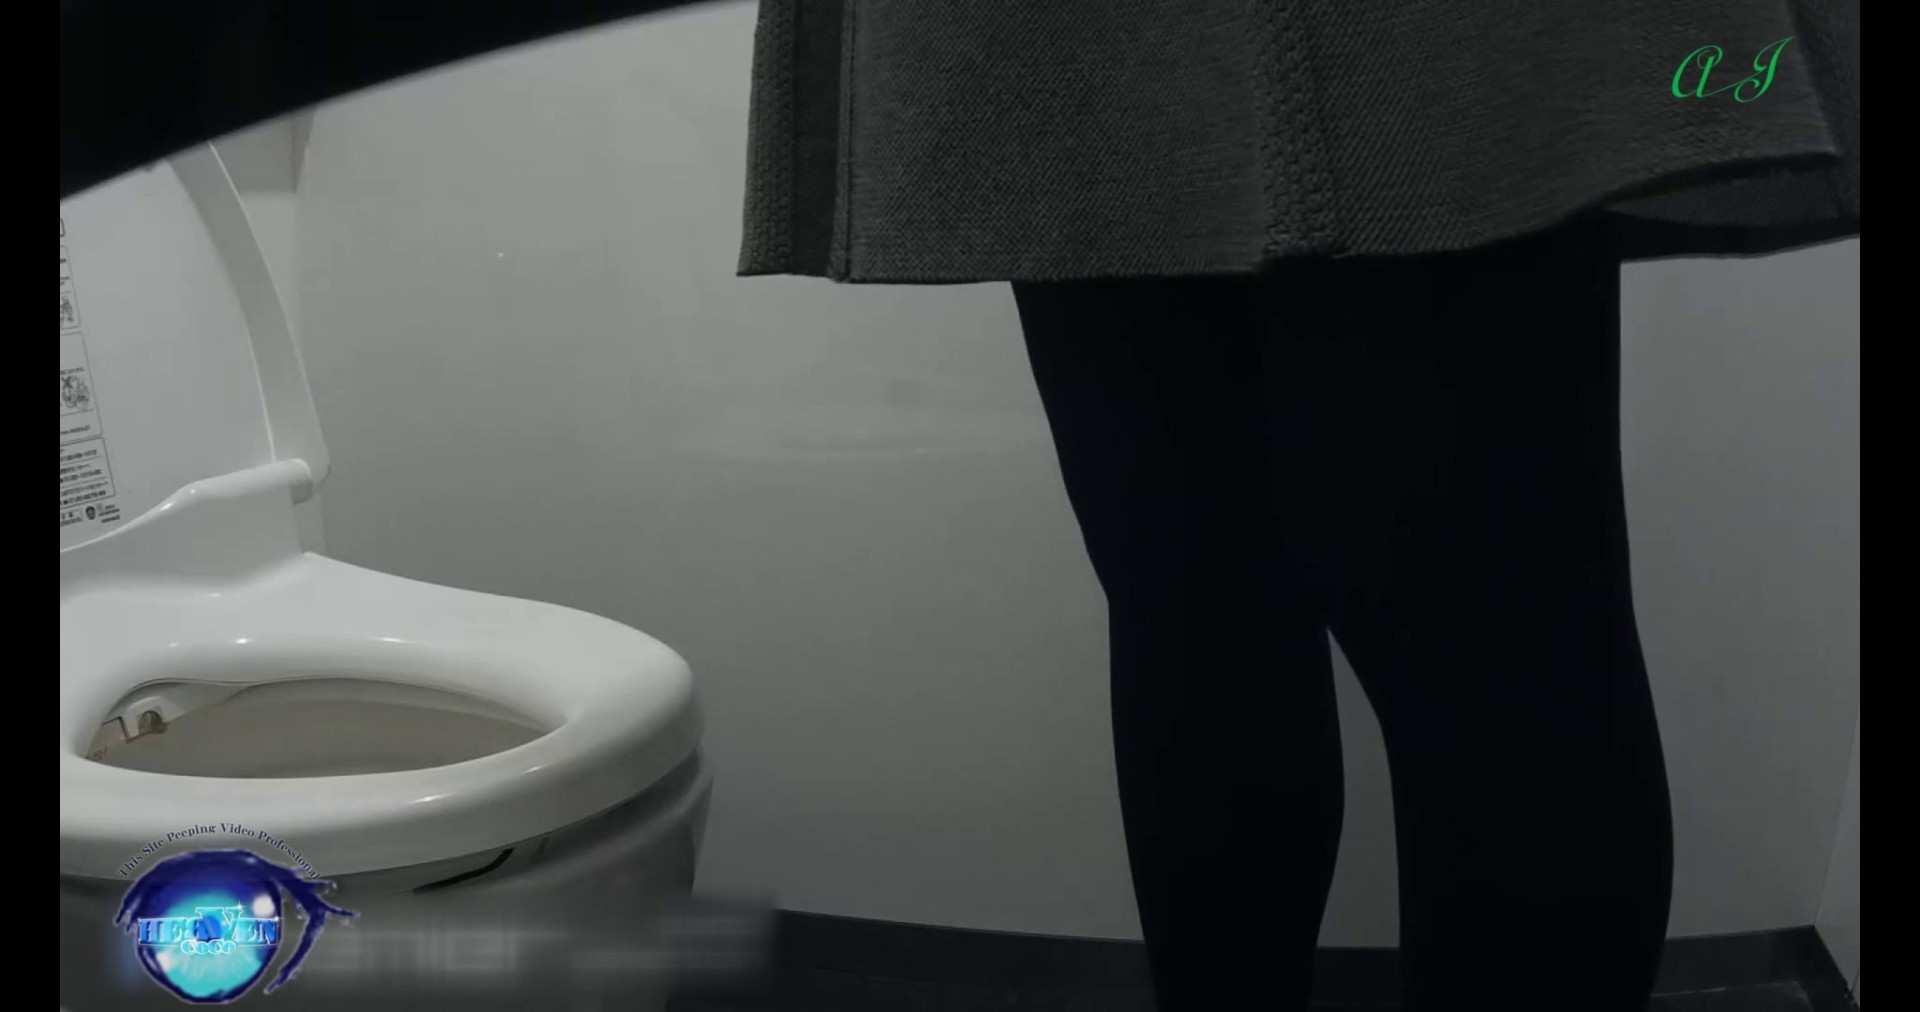 複数設置!!おしりドアップ美女多数有名大学女性洗面所 vol.75前編 洗面所編 | 美女まとめ  113PIX 91